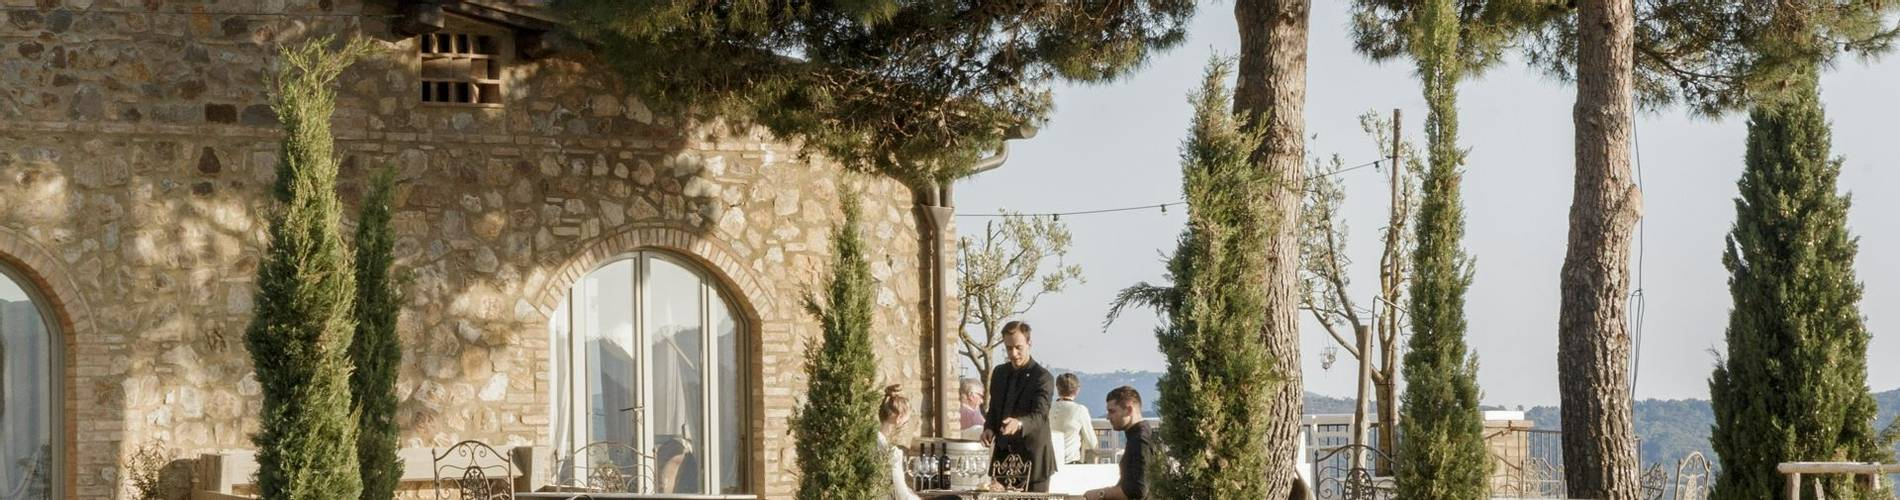 Conti Di San Bonifacio, Tuscany, Italy (12).jpg